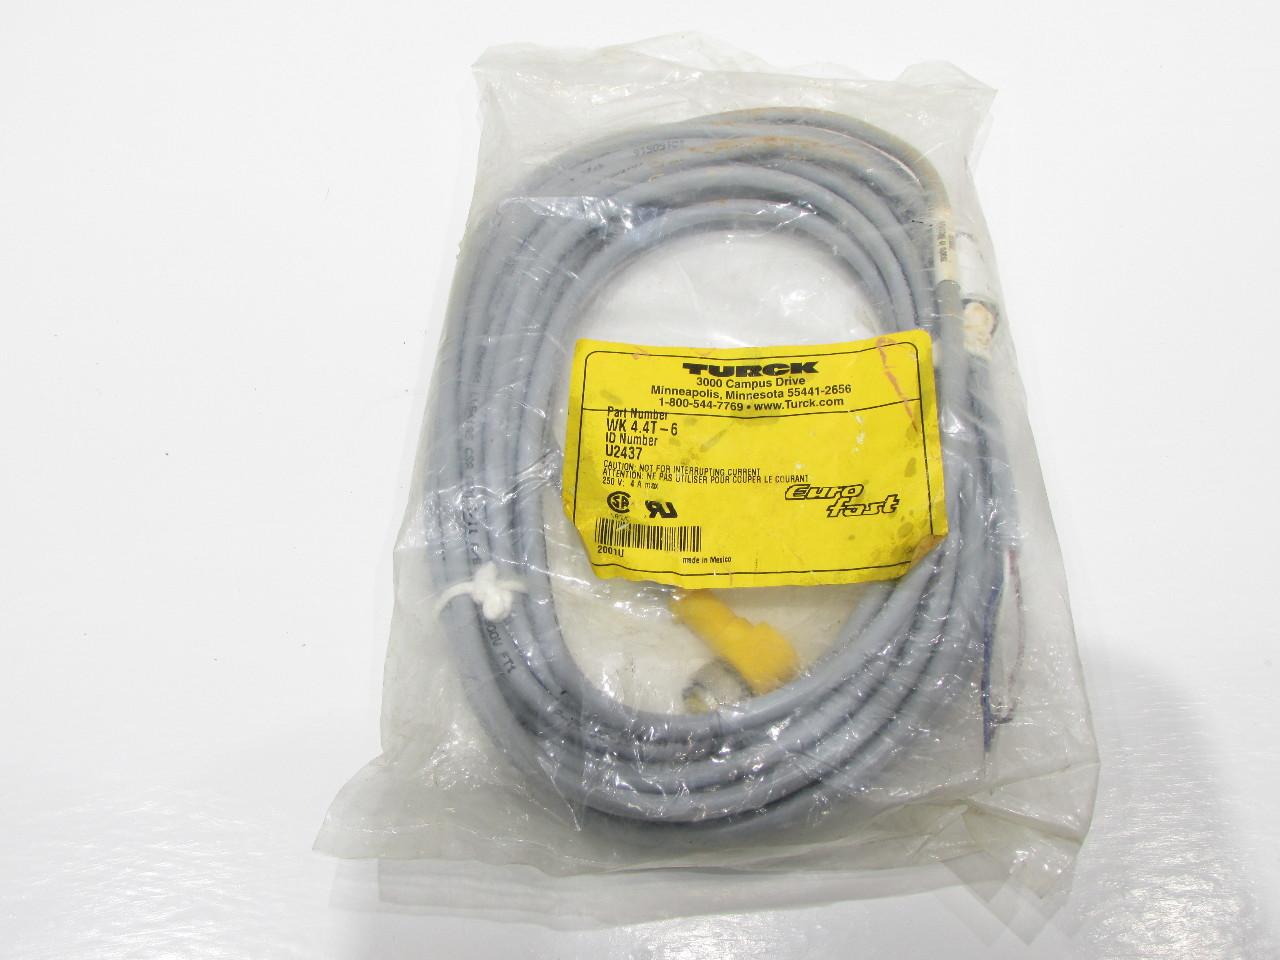 new turck elektronik wk 4 4t 6 u2437 cable cordset right reversing contactor reversing contactor reversing contactor reversing contactor